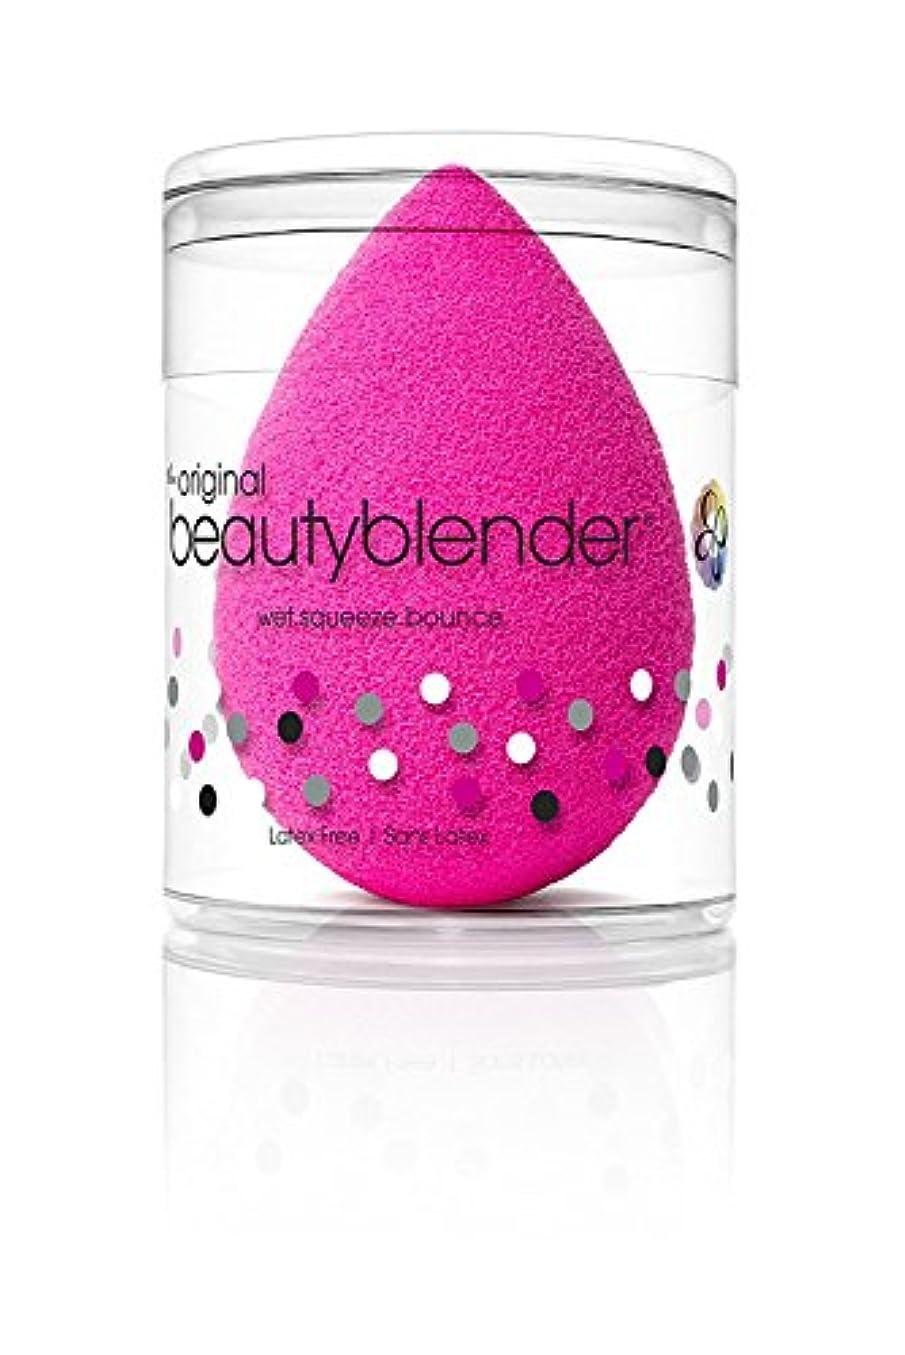 ペインティングウェイトレスダイジェストビューティーブレンダー beautyblender オリジナル メイクアップ スポンジ